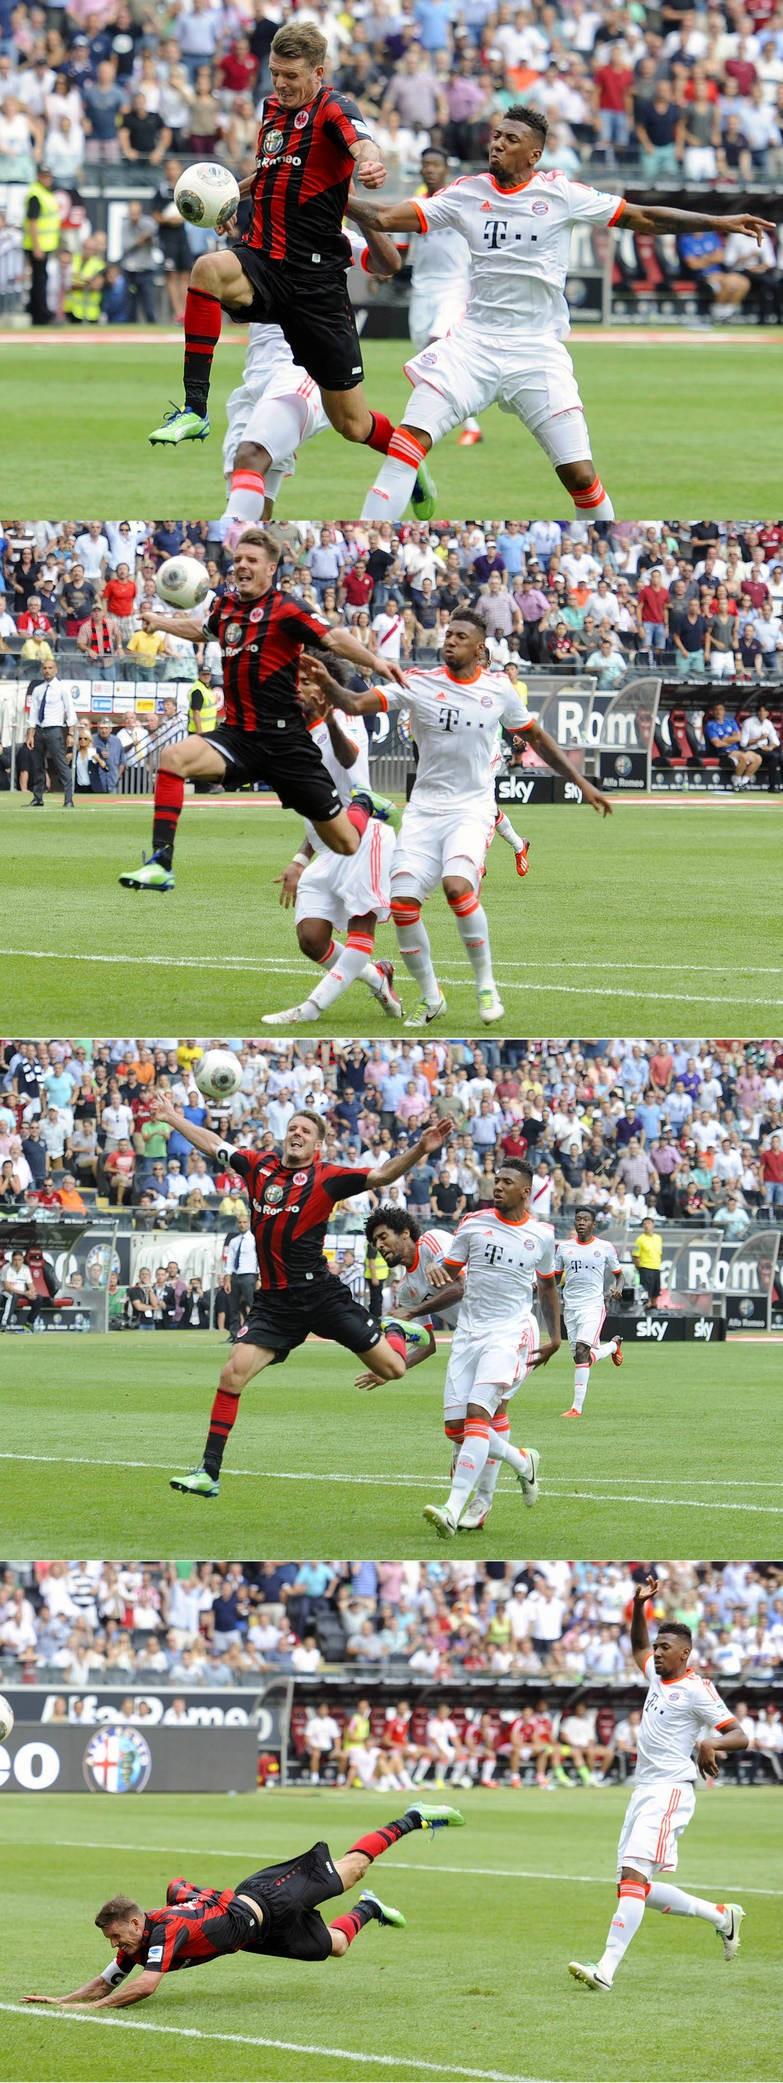 Bayernbonus versus Heimbonus 1:0: Frankfurt fordert im August 2013 vergeblich einen Elfmeter.